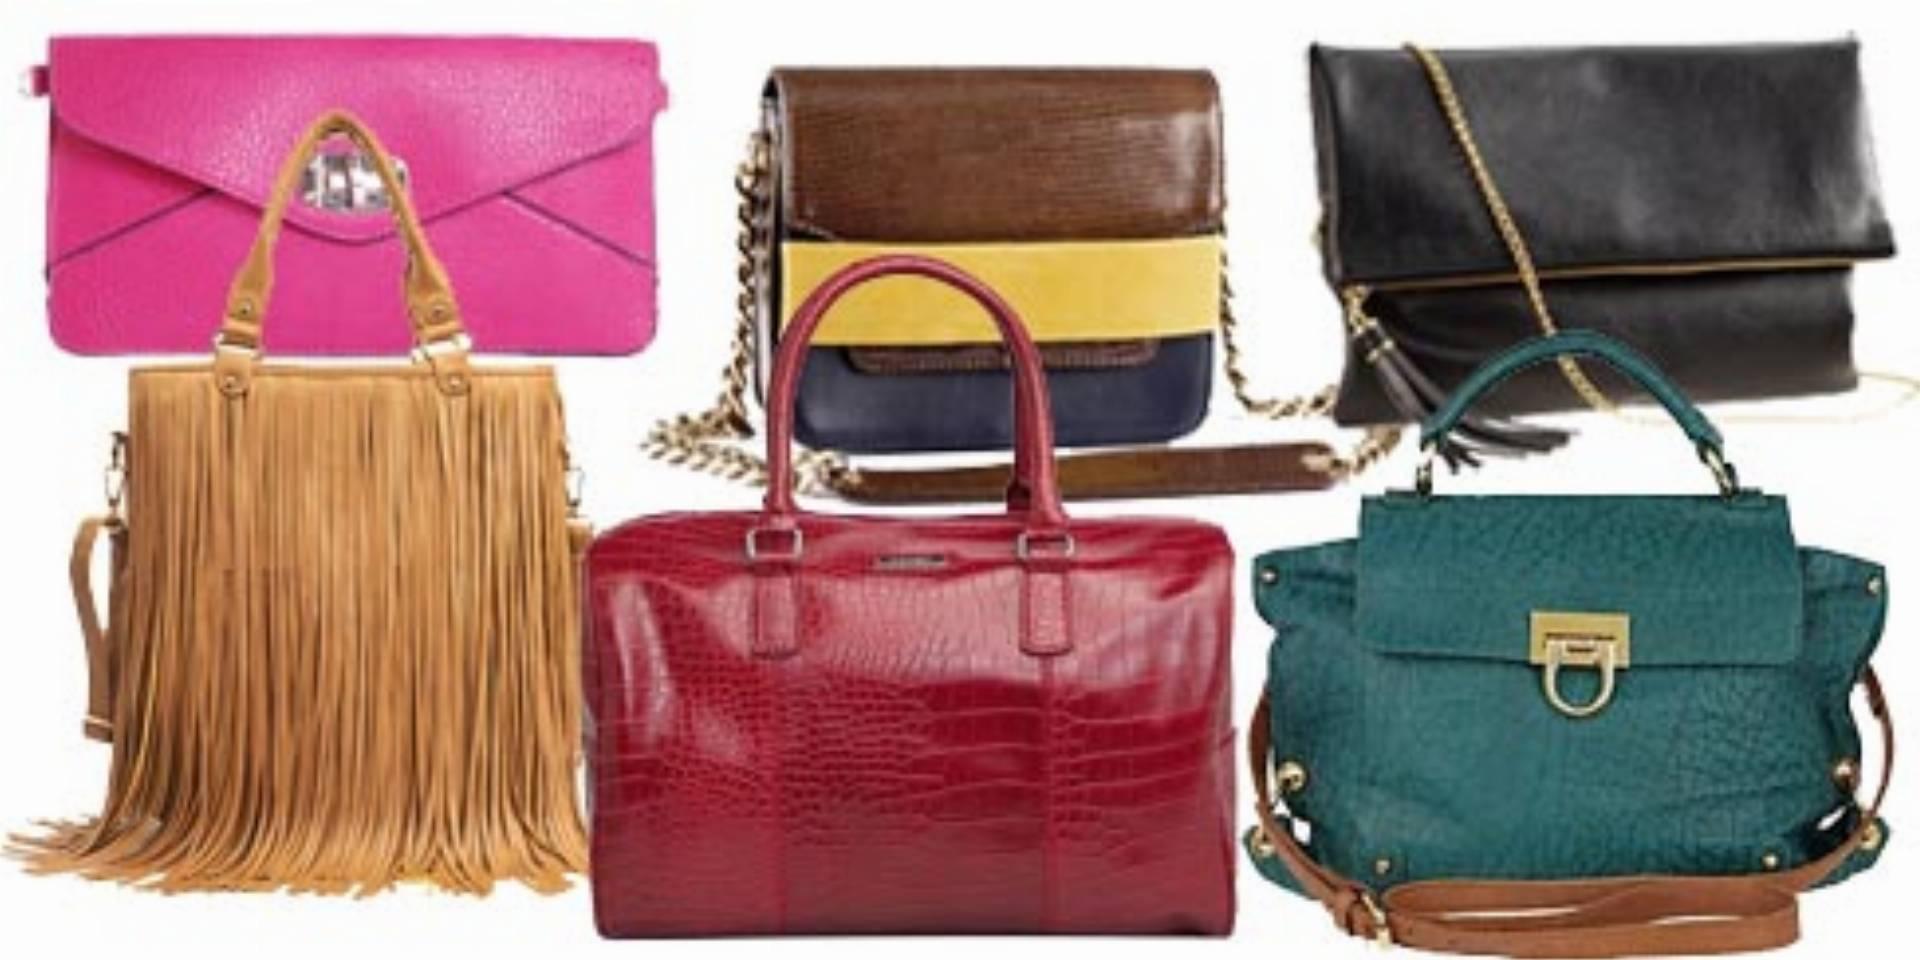 Torby, torebki, kopertówki...